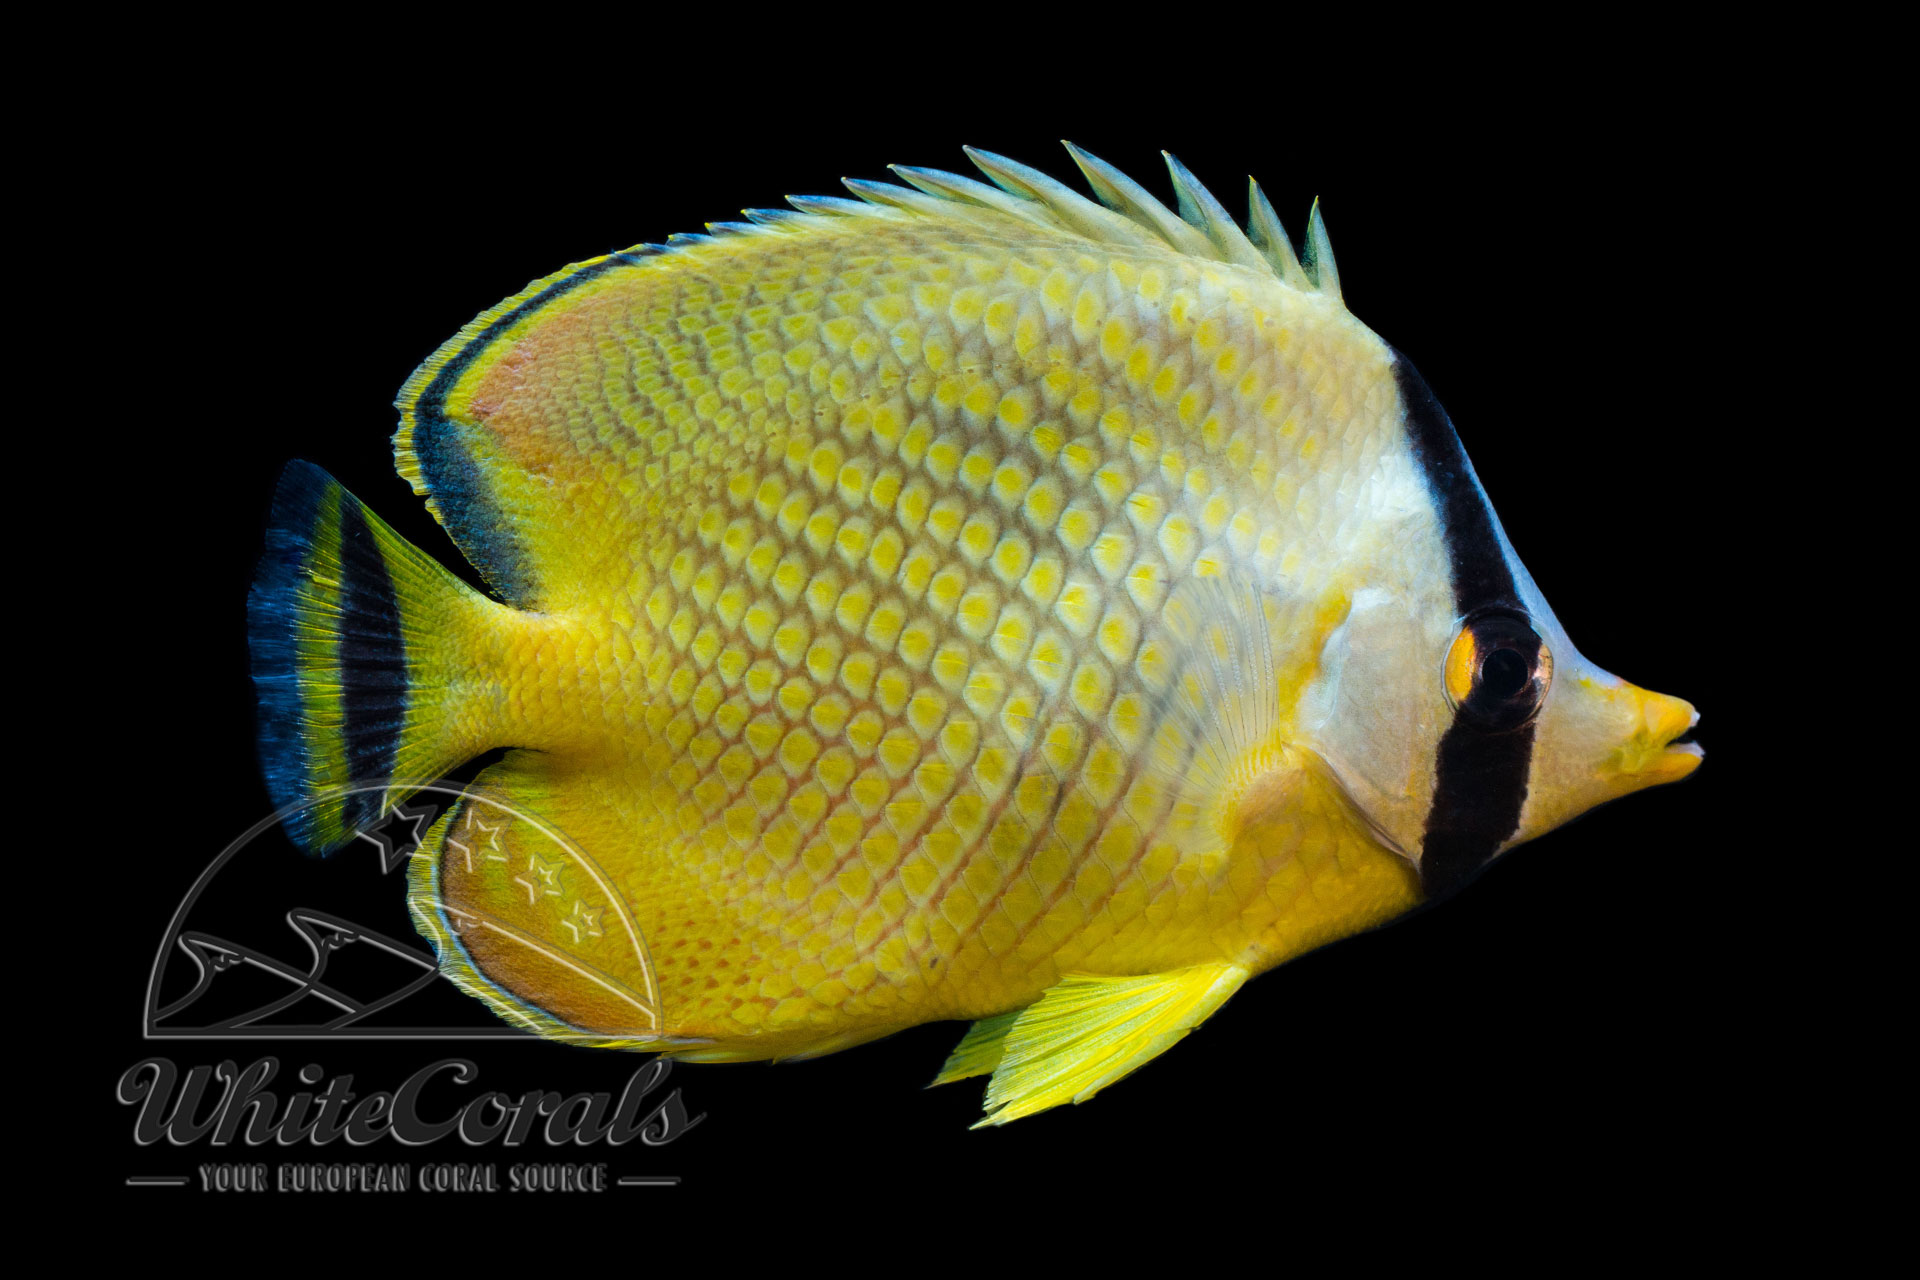 Chaetodon rafflesii - Großschuppen-Falterfisch